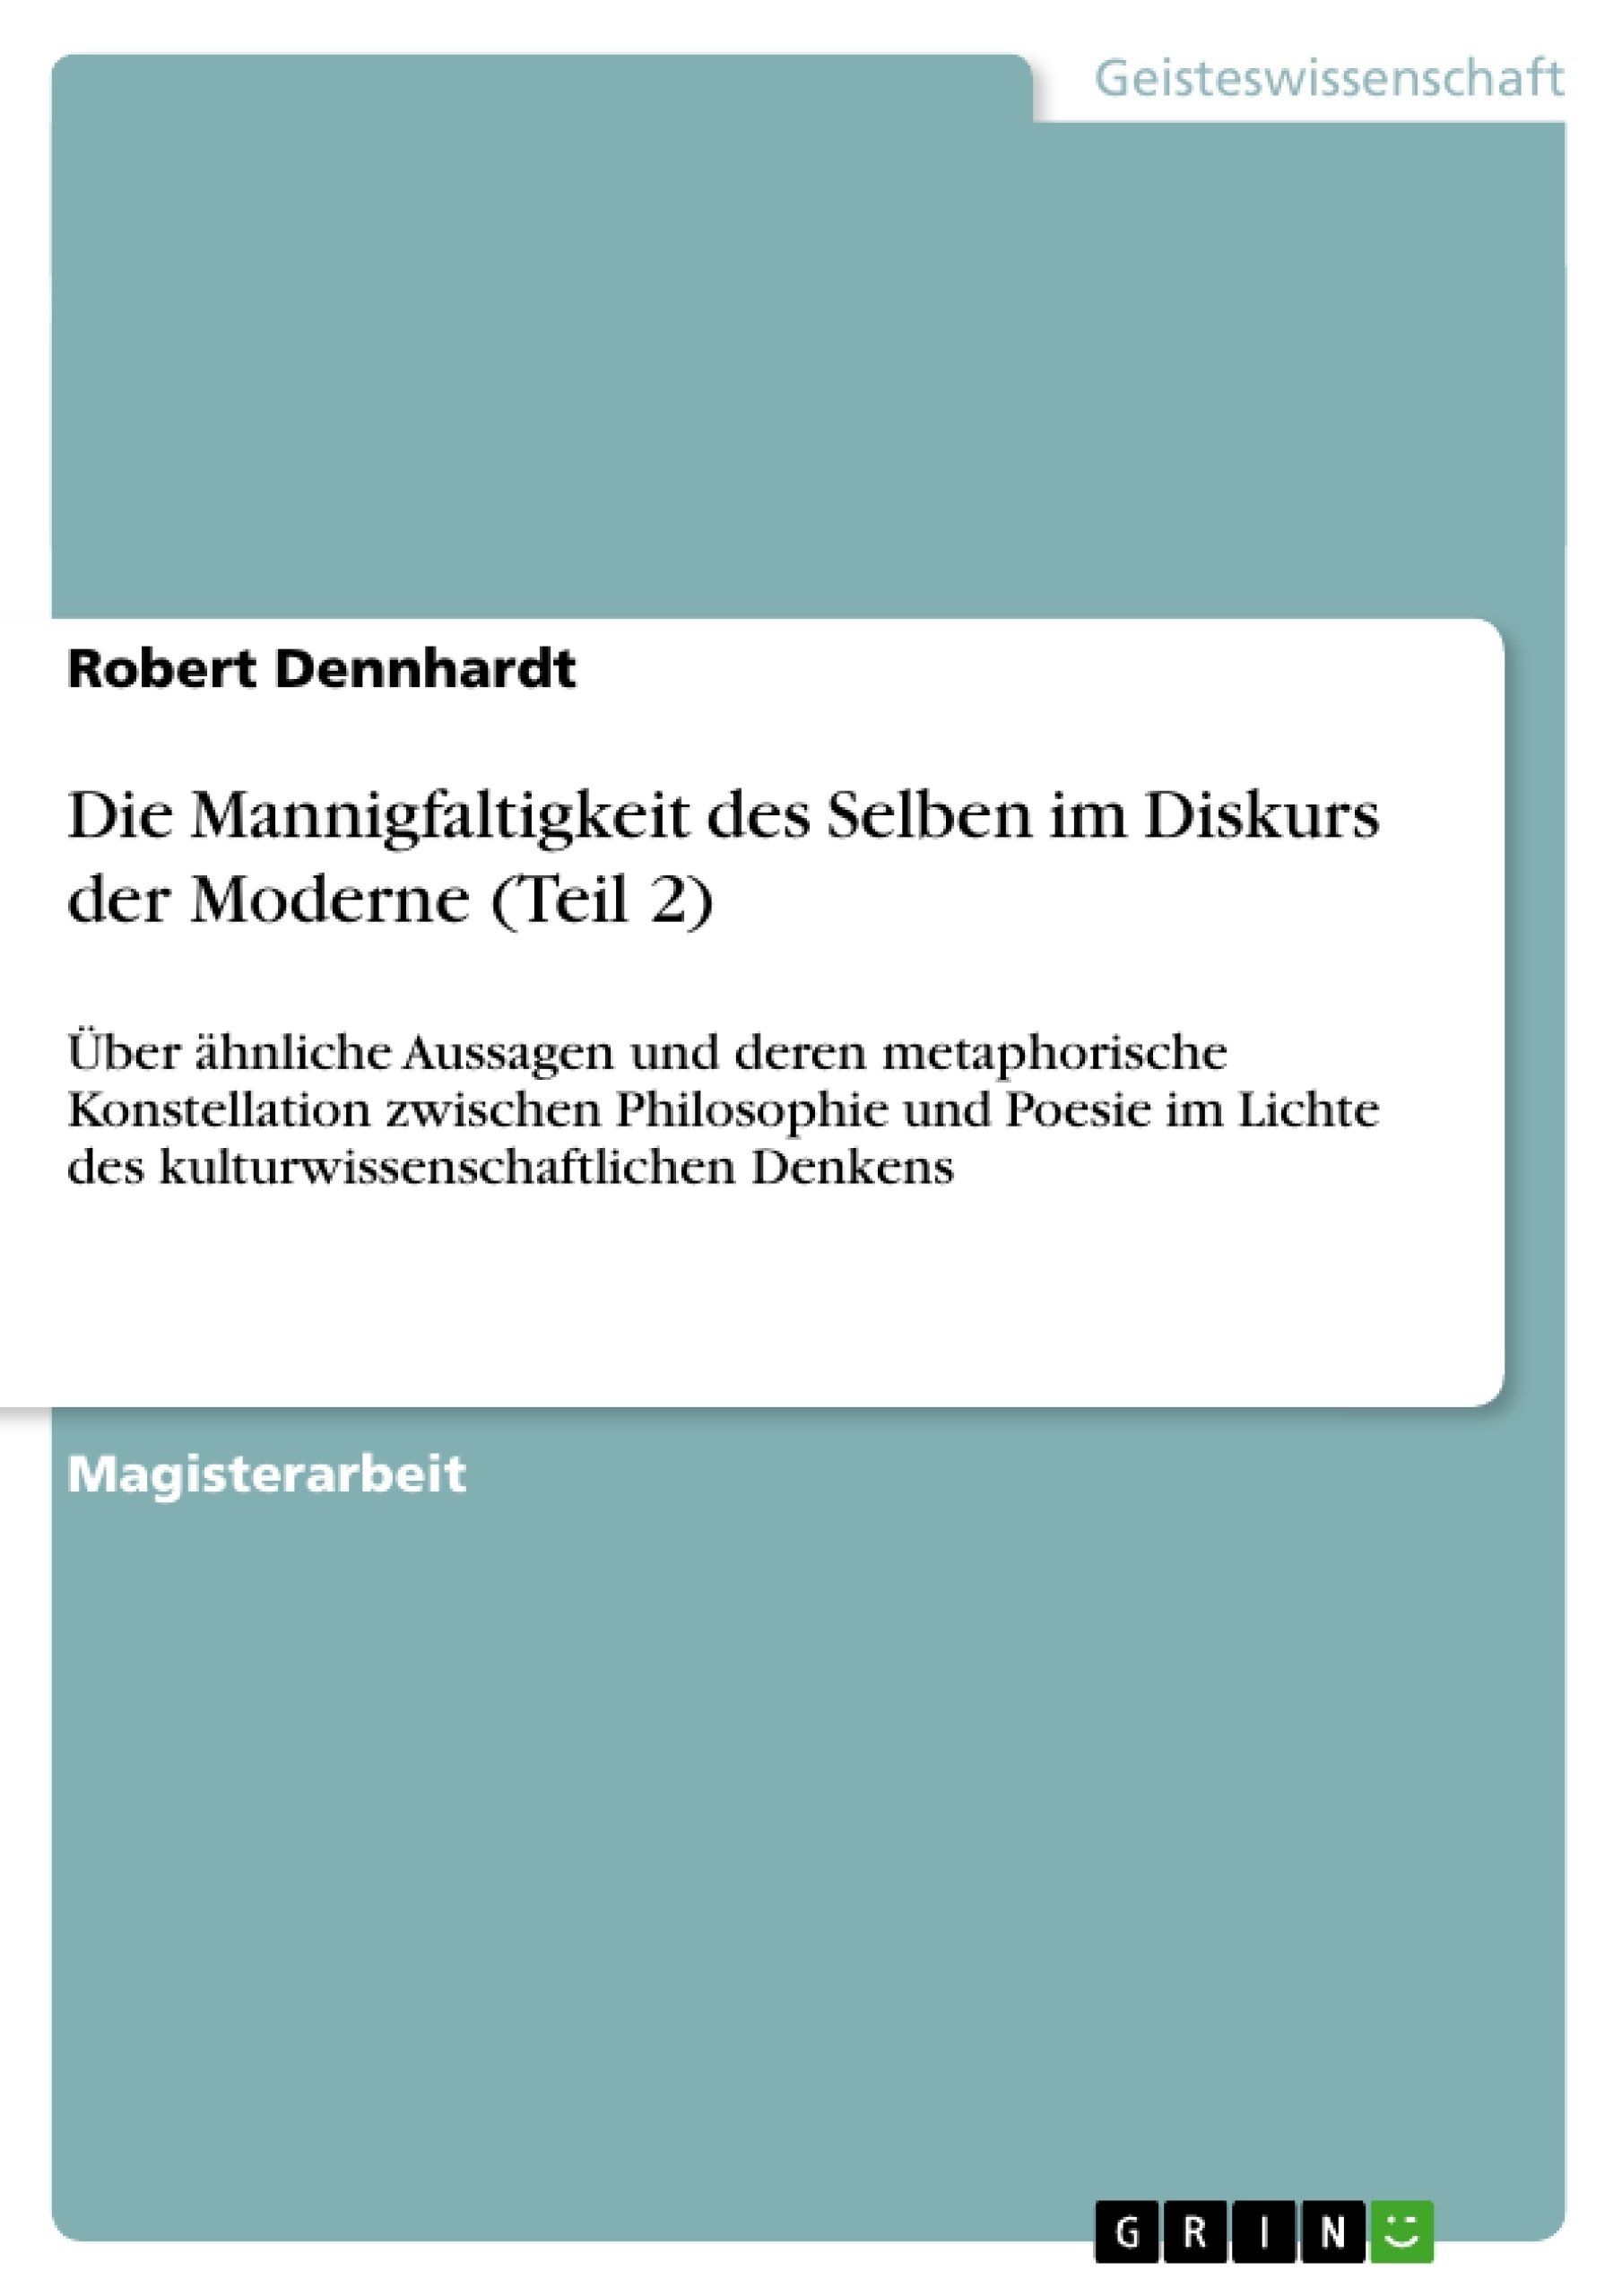 Titel: Die Mannigfaltigkeit des Selben im Diskurs der Moderne (Teil 2)